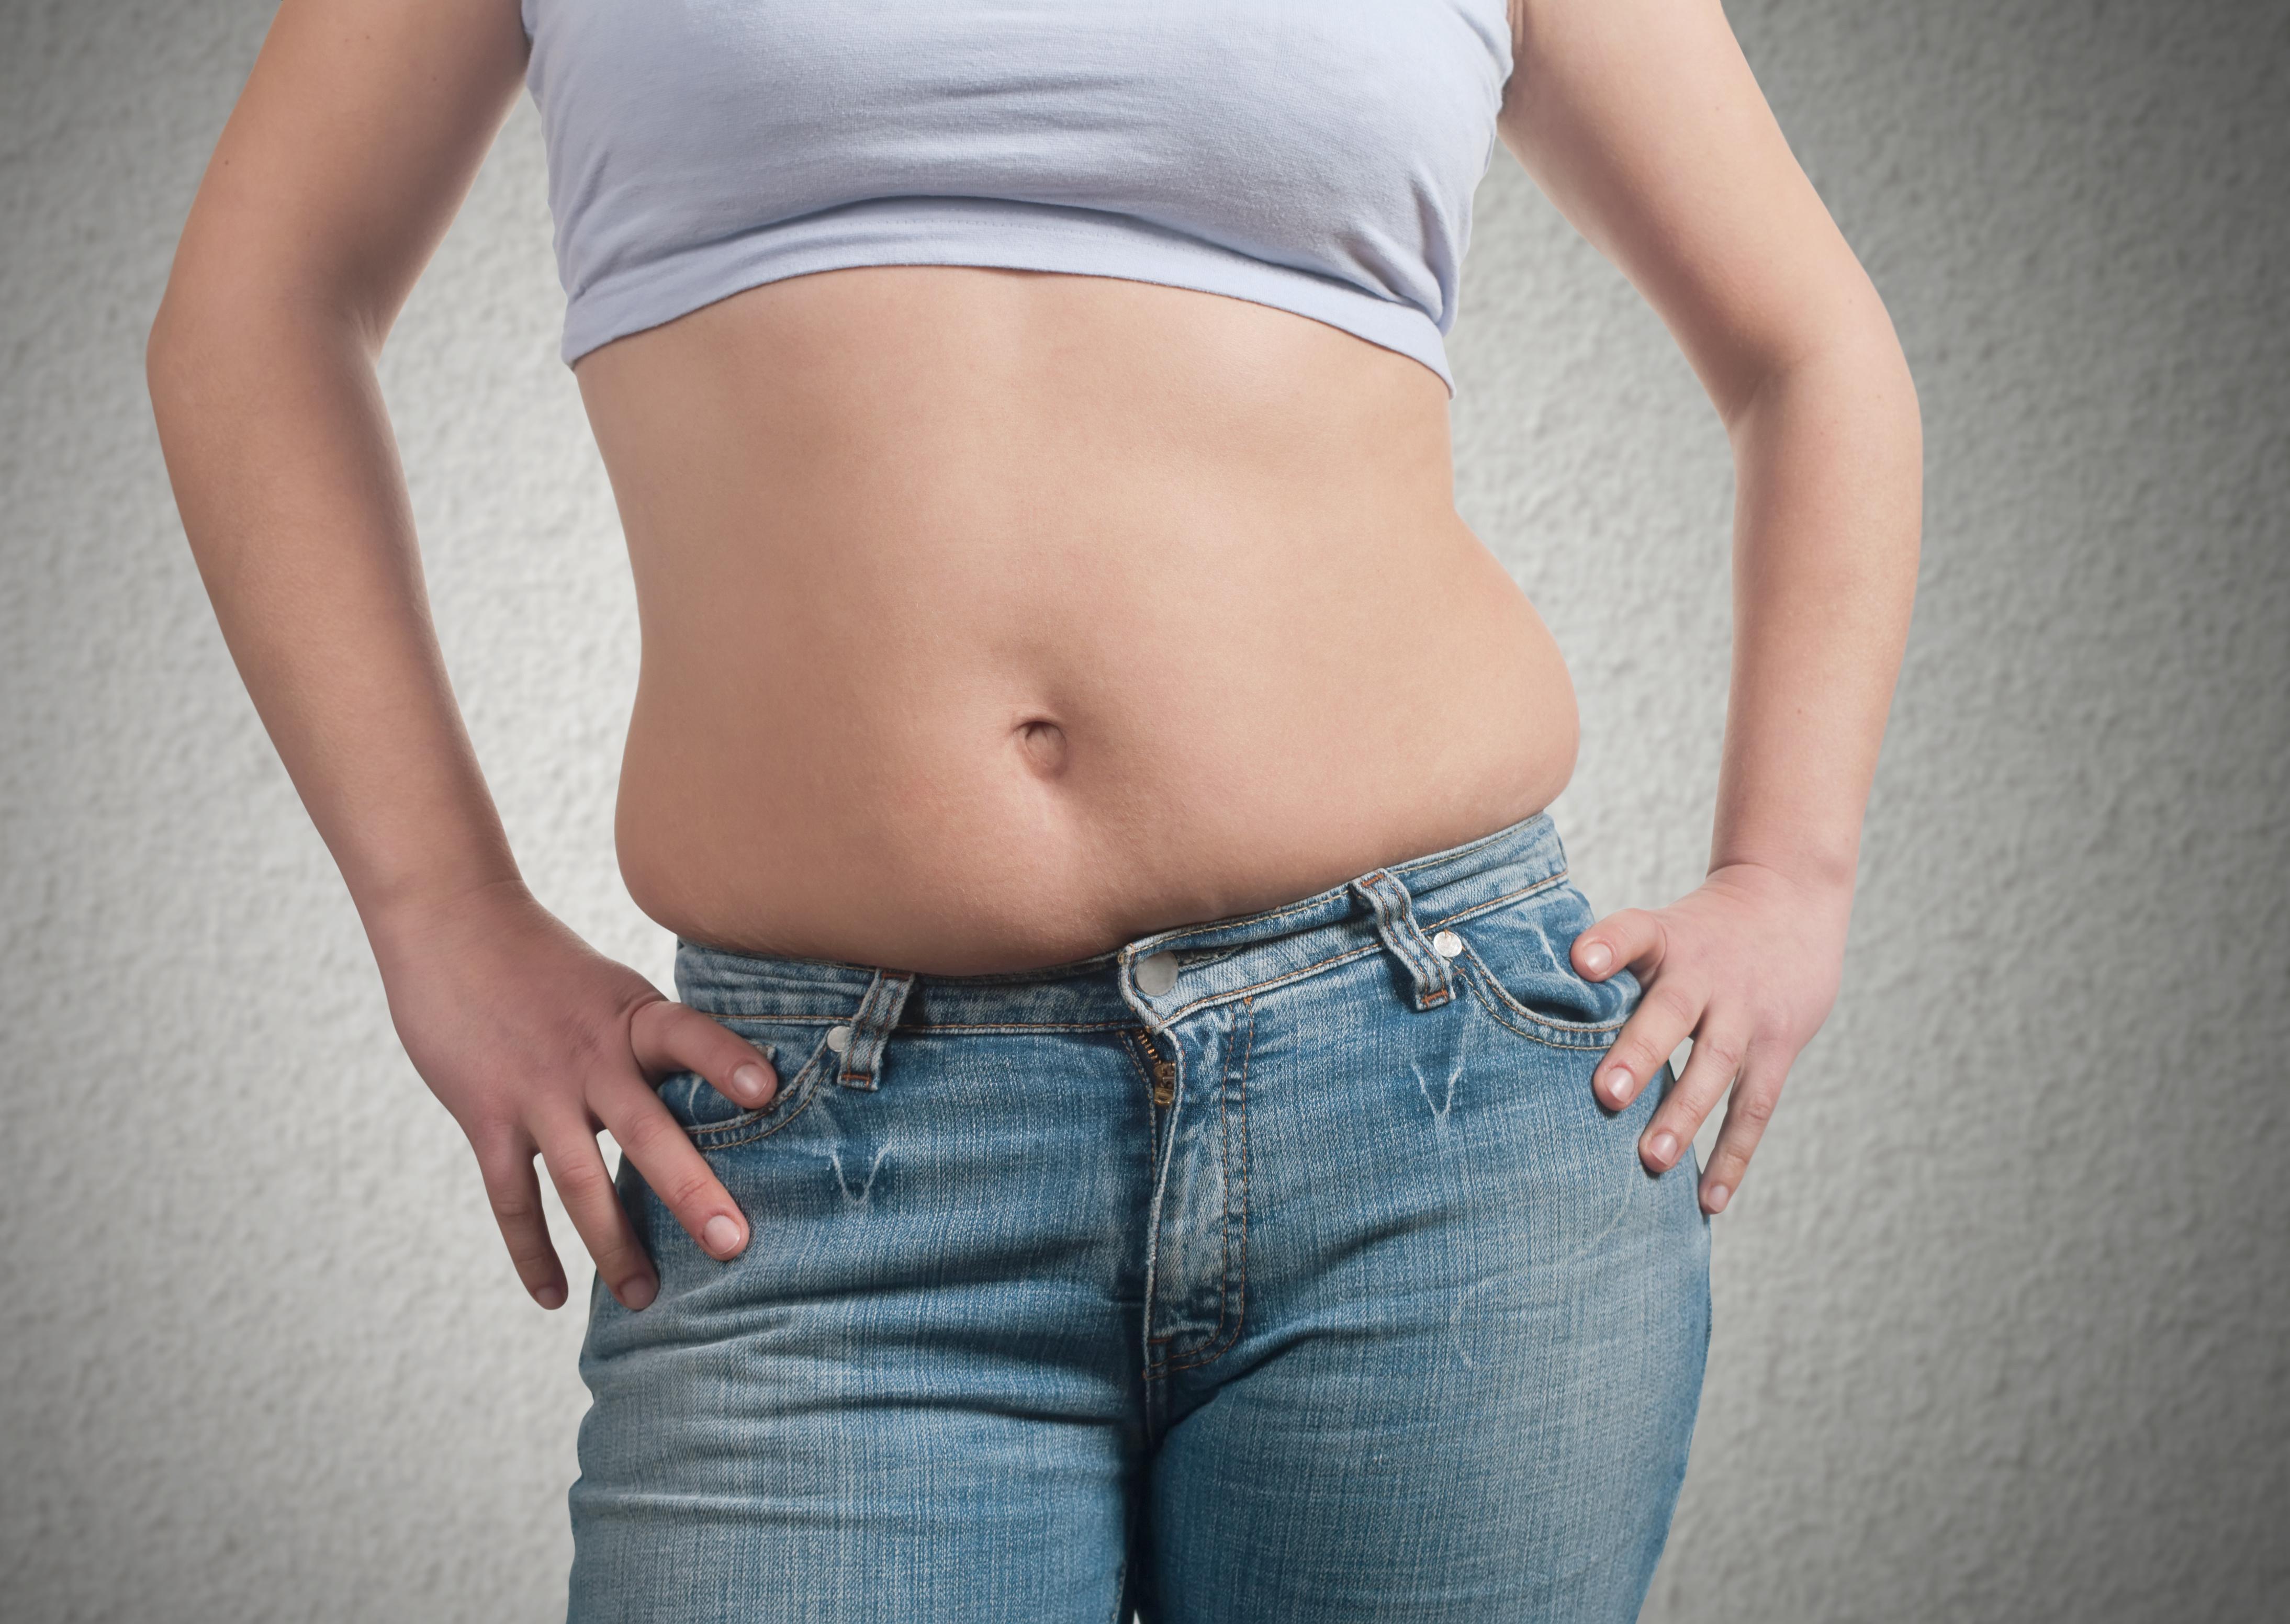 Csípőkarcsúsító gyakorlatok - Fogyókúra | Femina